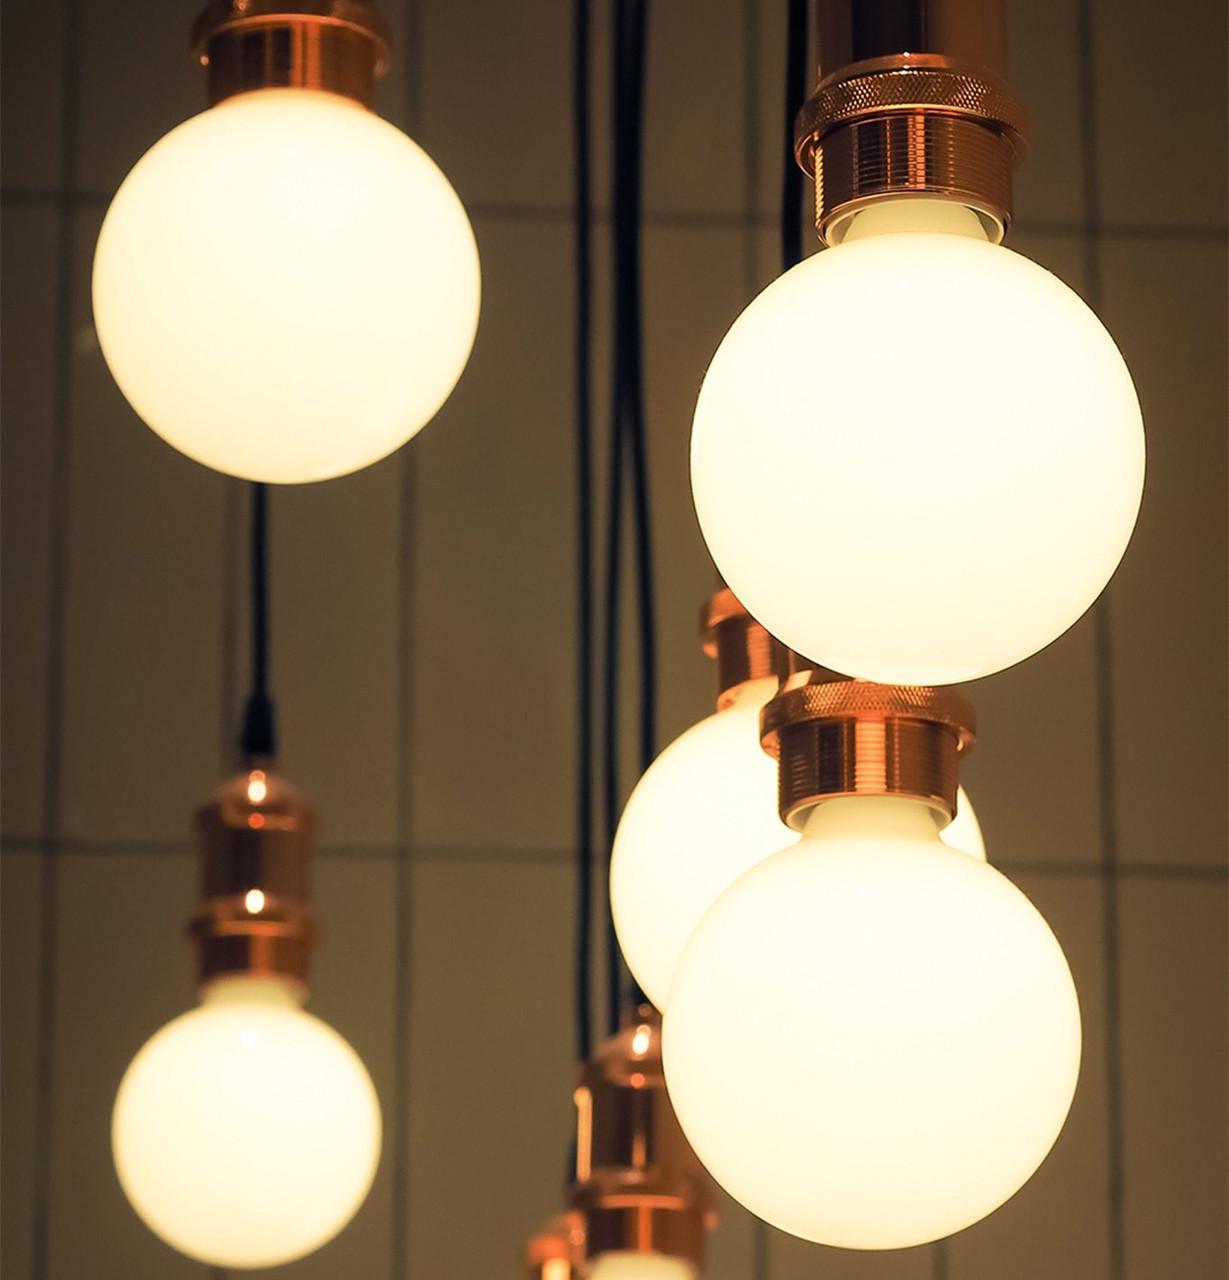 LED Dimmable G80 B22 Light Bulbs